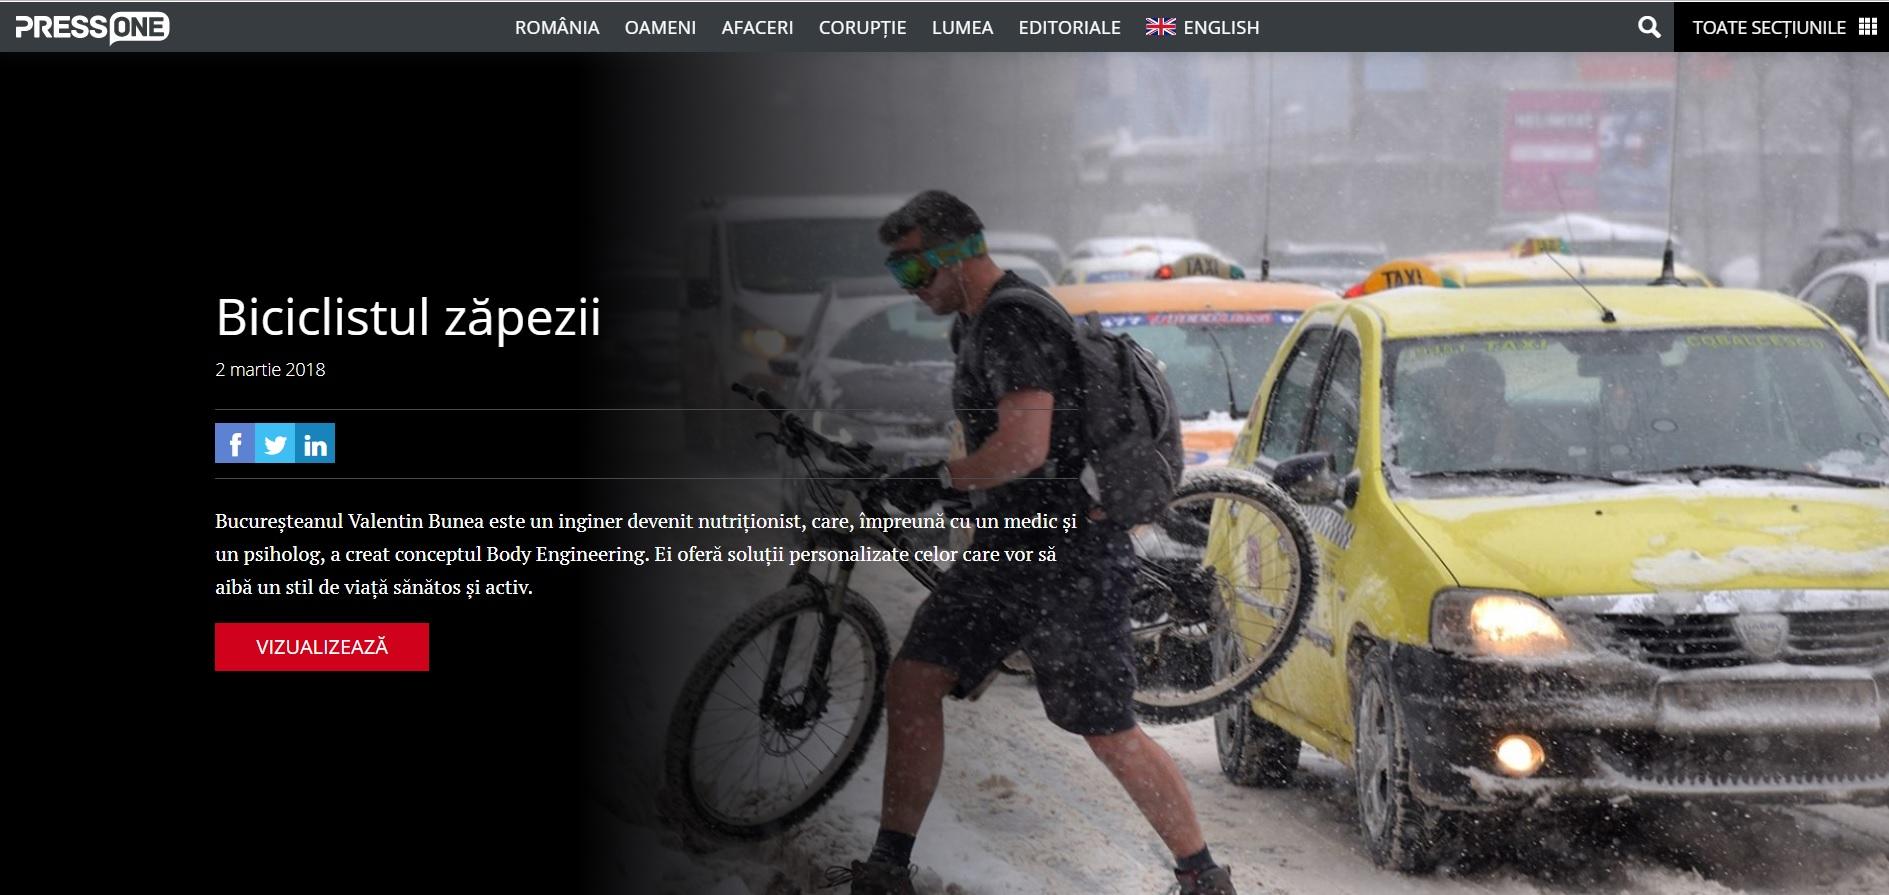 Articol Biciclistul Zapezii – PressOne